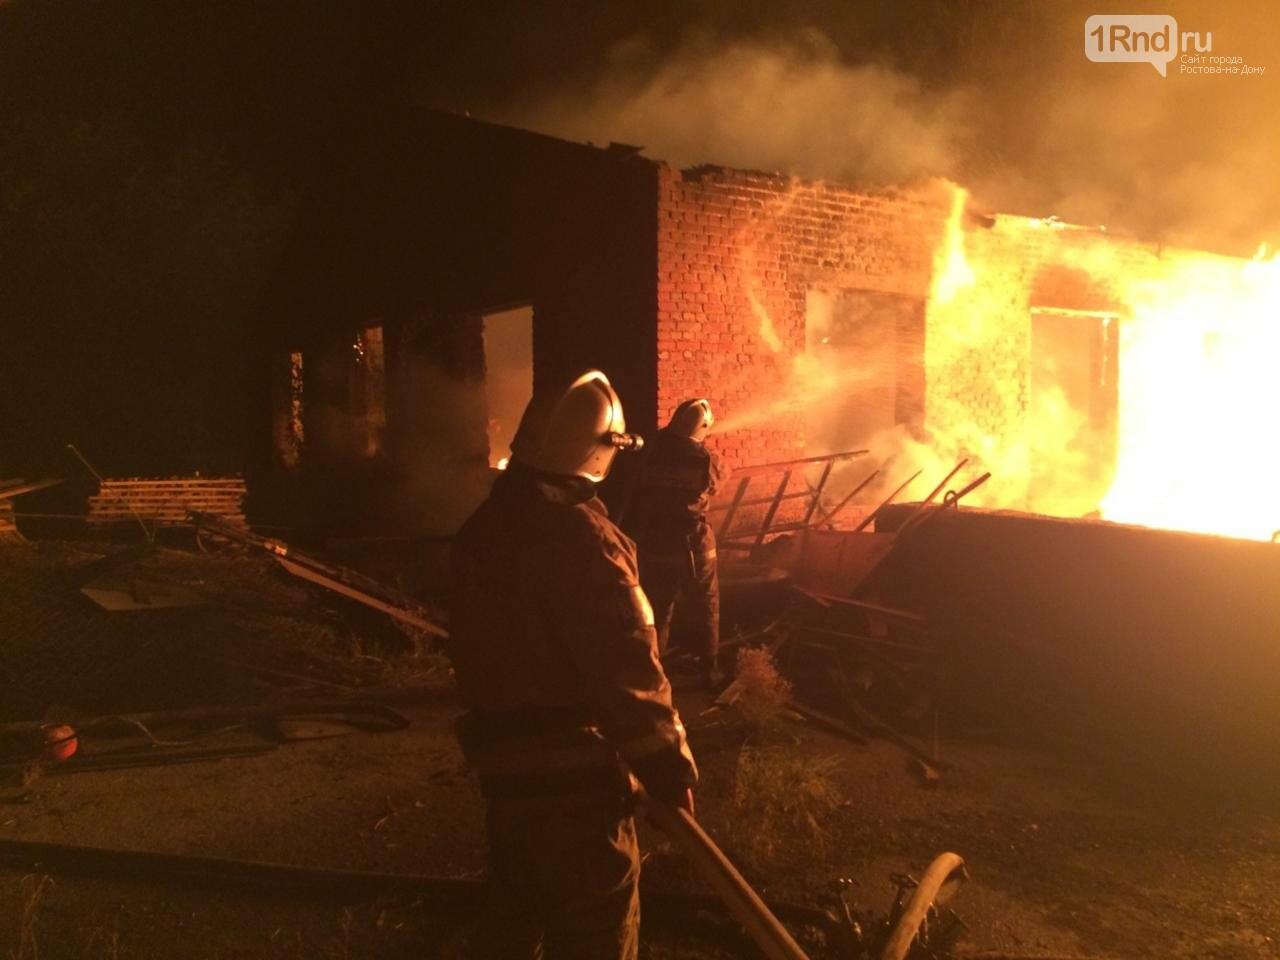 В Шахтах сгорел склад с пиломатериалами, фото-1